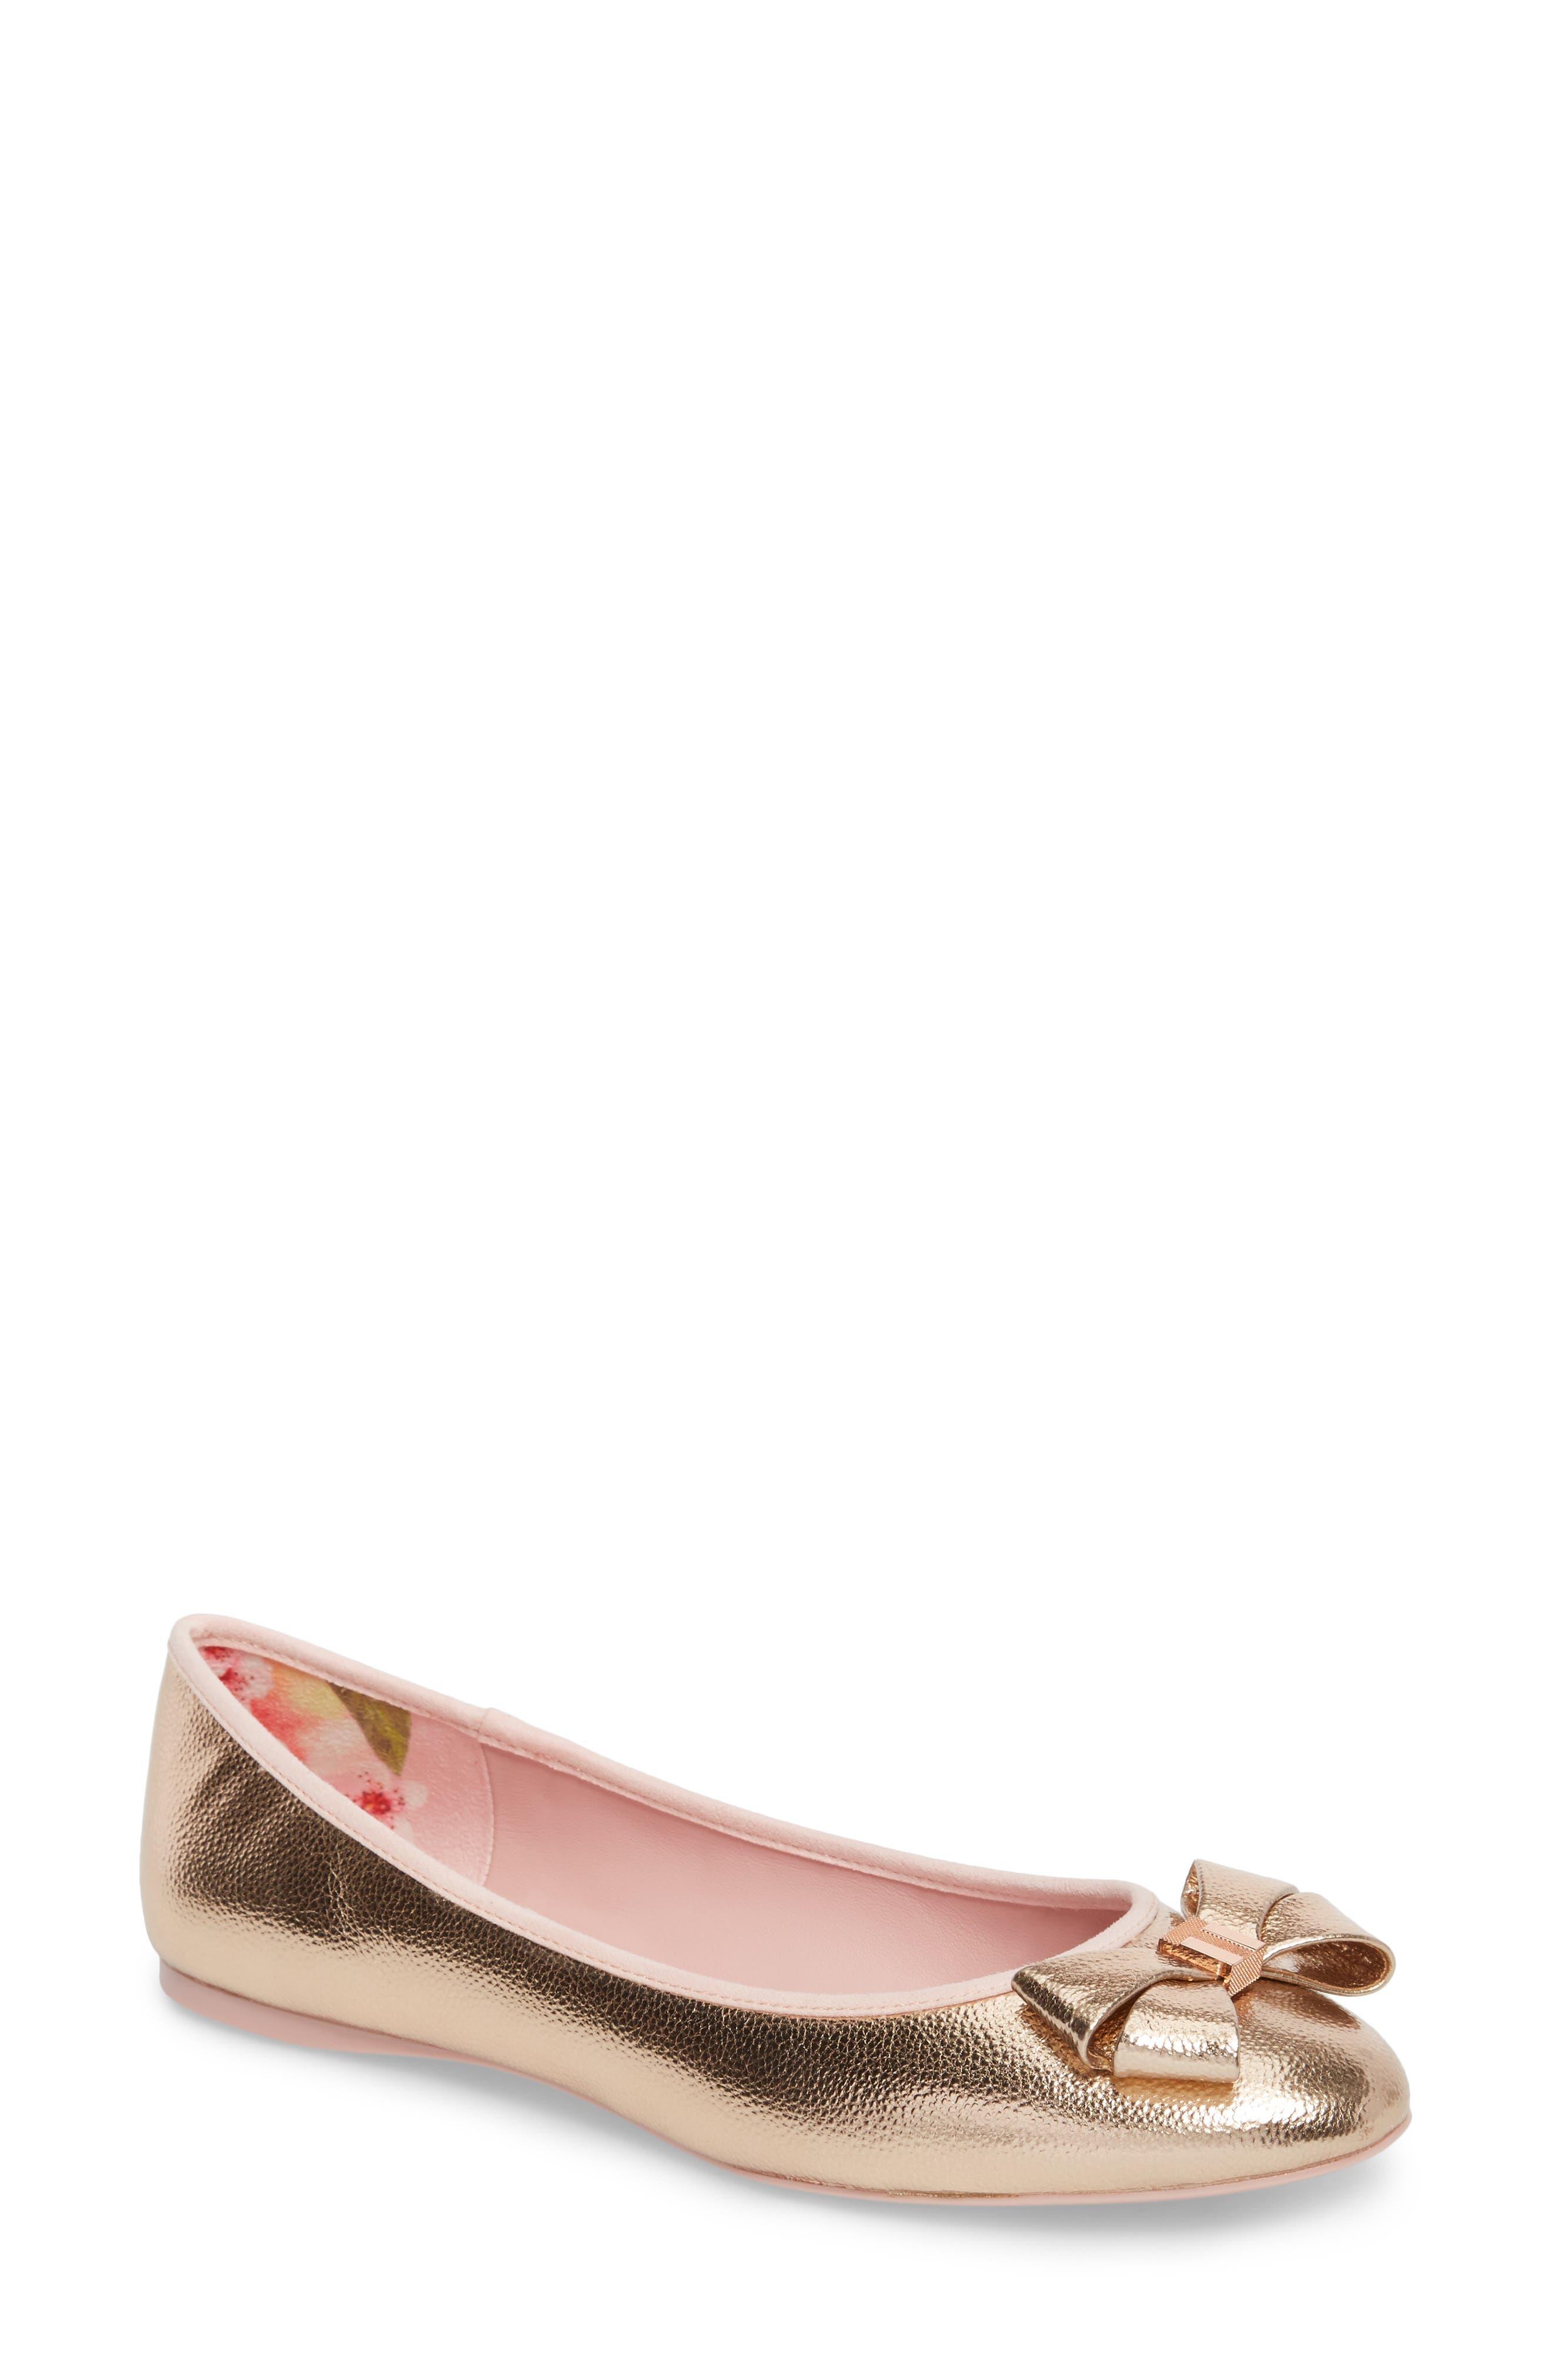 Immet Ballet Flat,                         Main,                         color, ROSE GOLD